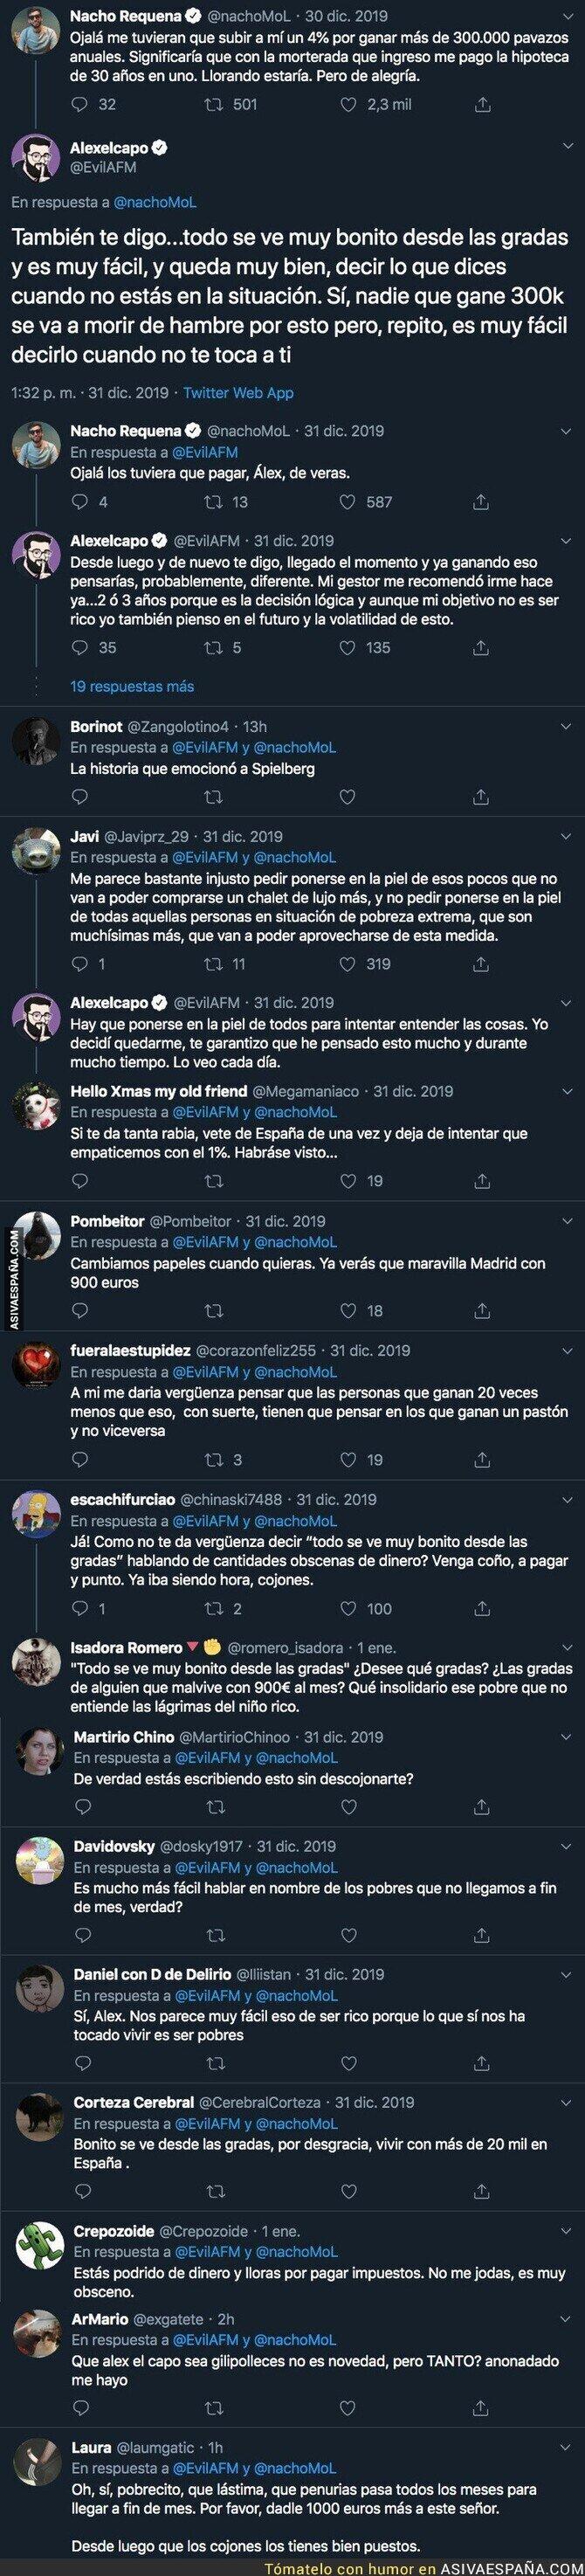 130932 - El youtuber 'Alexelcapo' la lía opinando de esta forma tan polémica sobre la subida de impuestos en España para los que cobran 300.000€